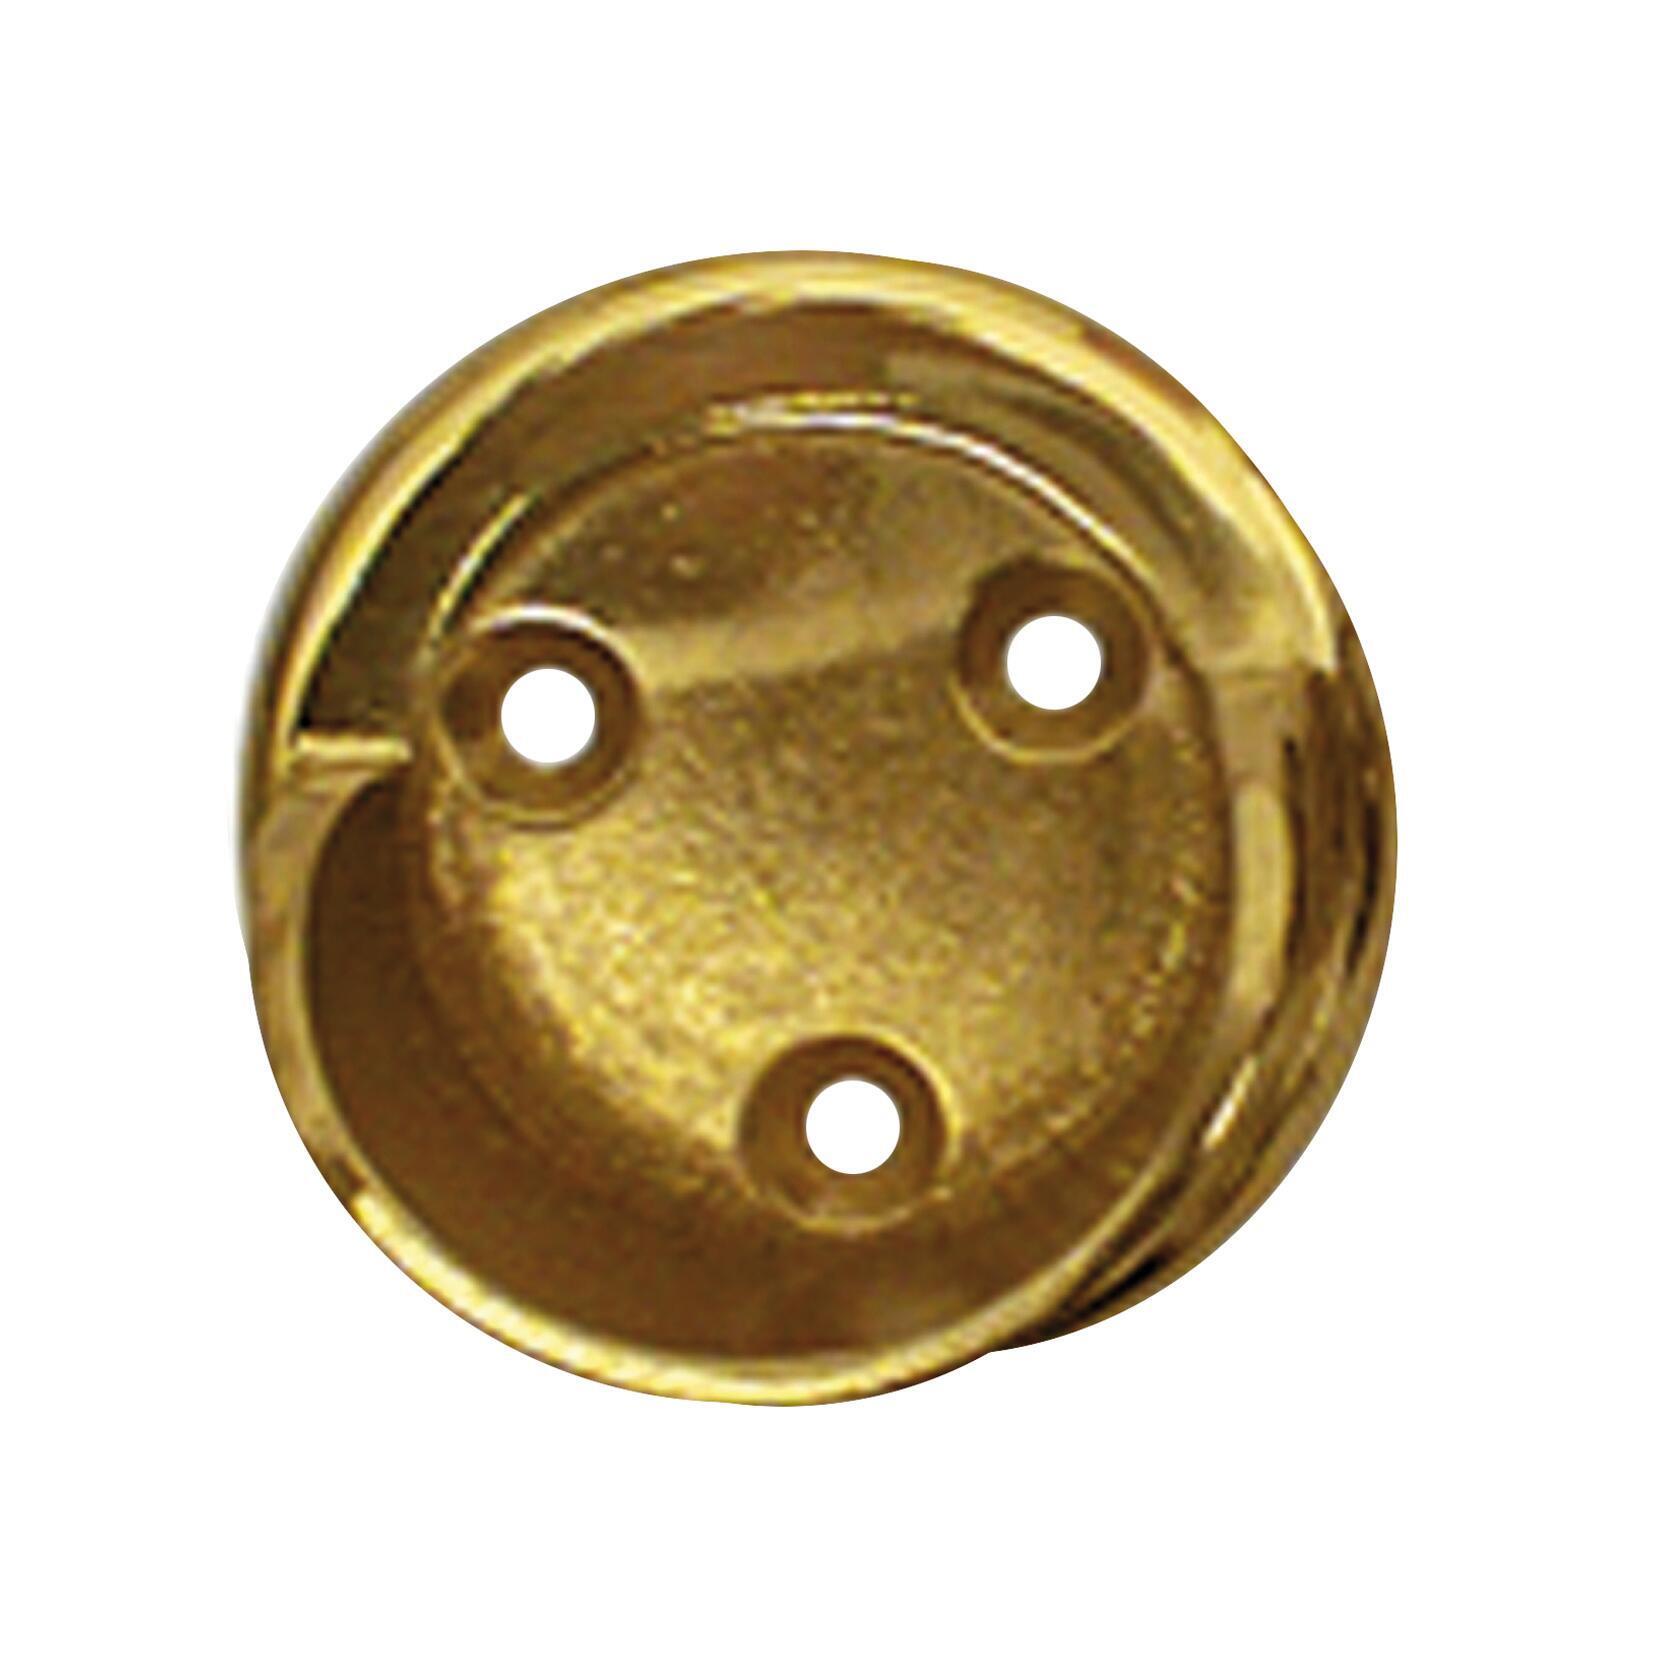 Supporto rosetta Ø28mm Lena in metallo ottone lucido 3cm